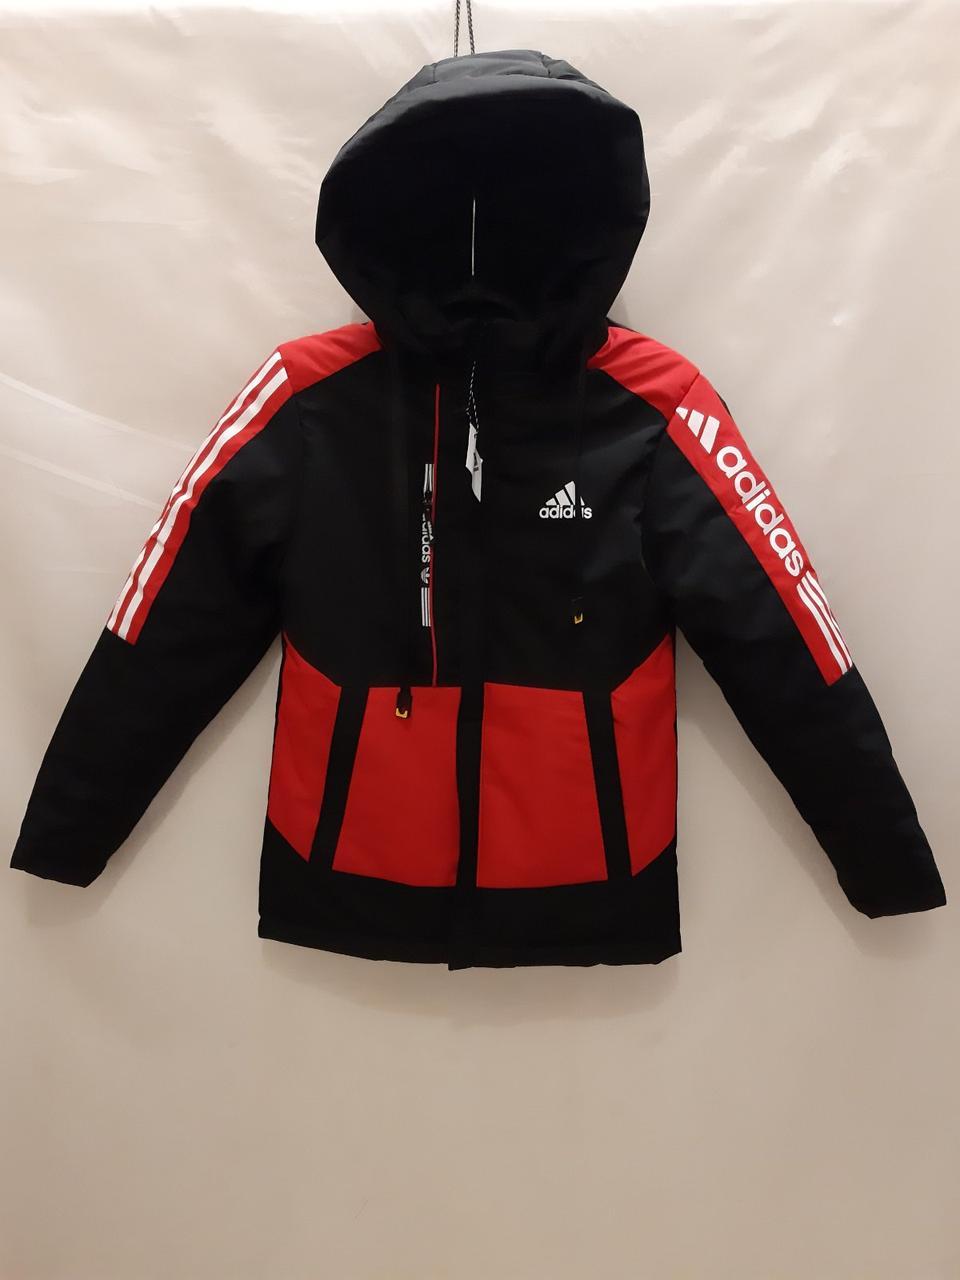 Подростковая куртка для мальчика Adidas р. 11-15 лет опт